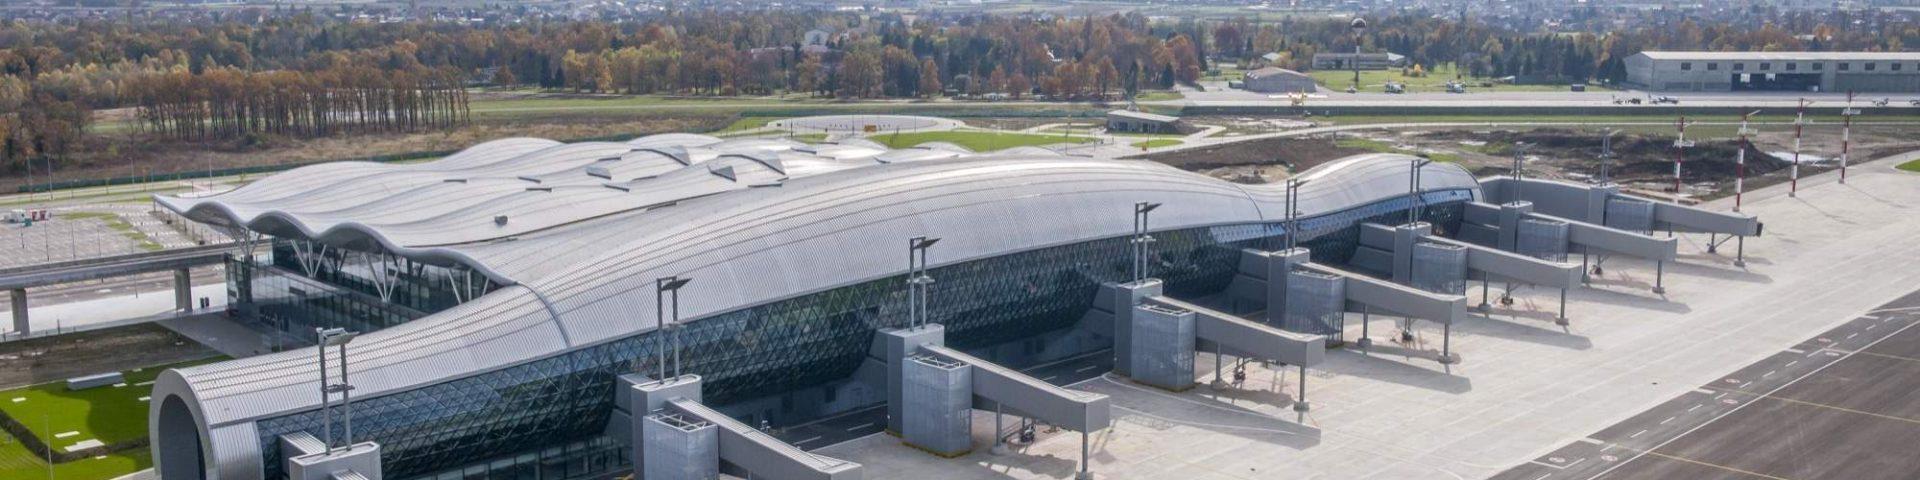 Онлайн-табло аэропорта Загреб